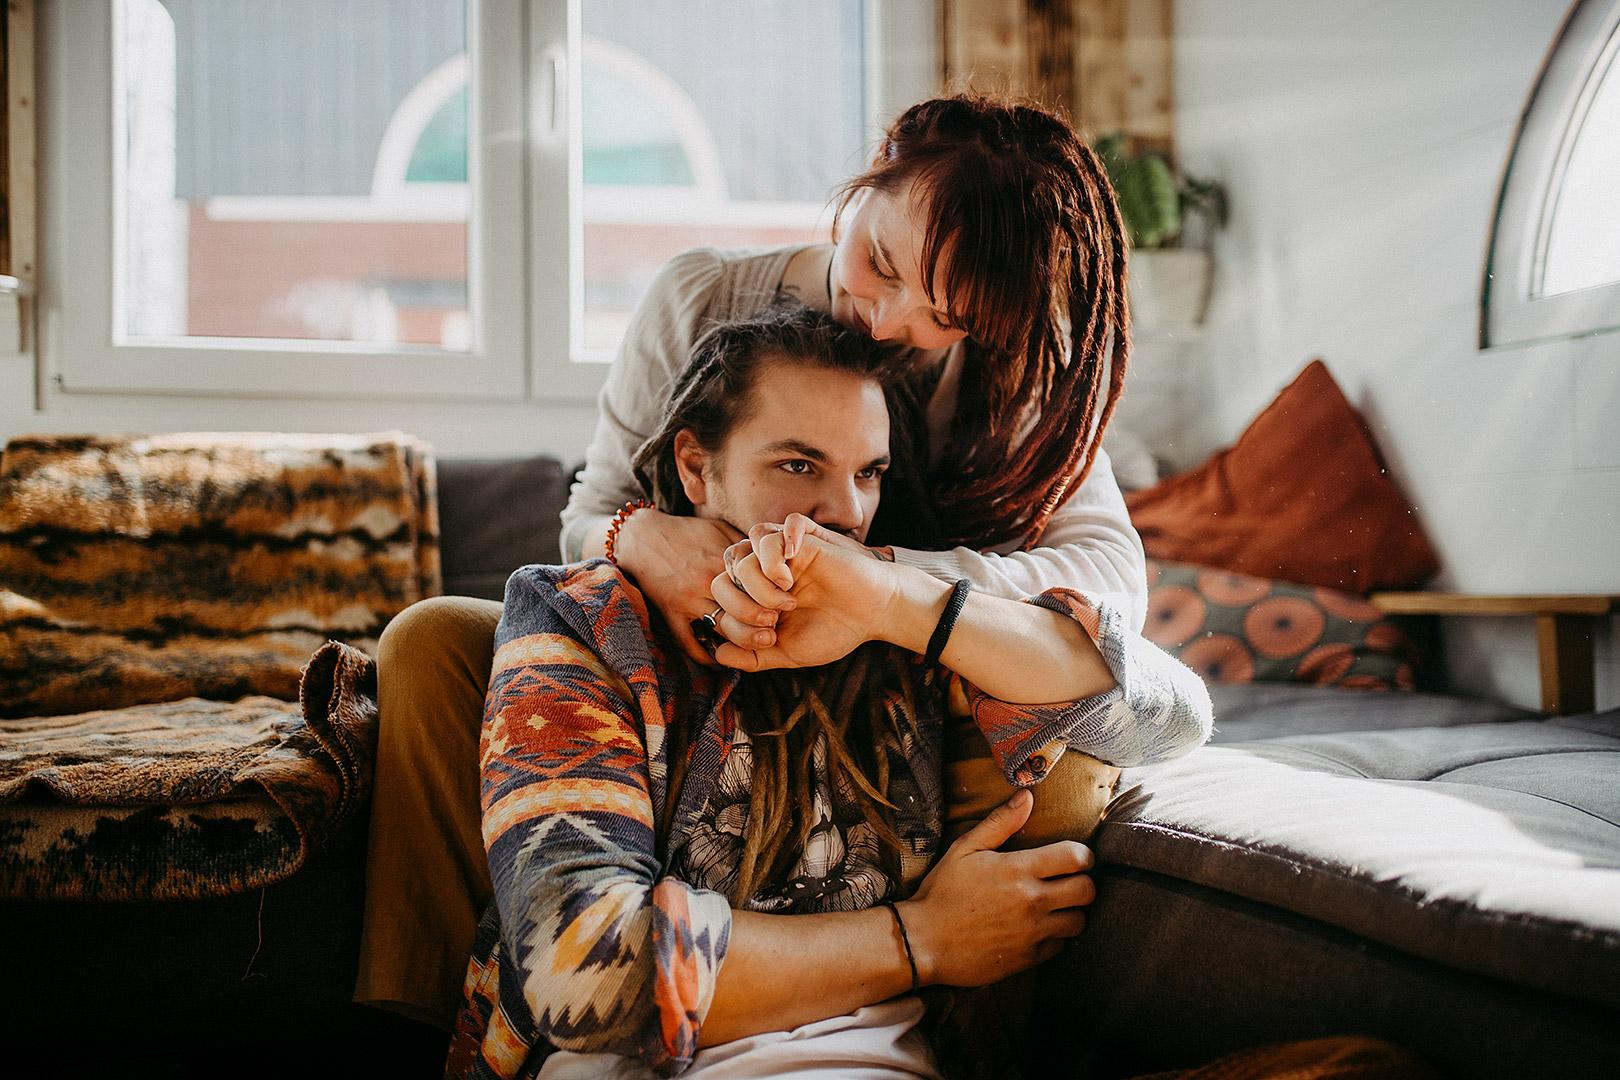 portrait_couple_katiundjens_29